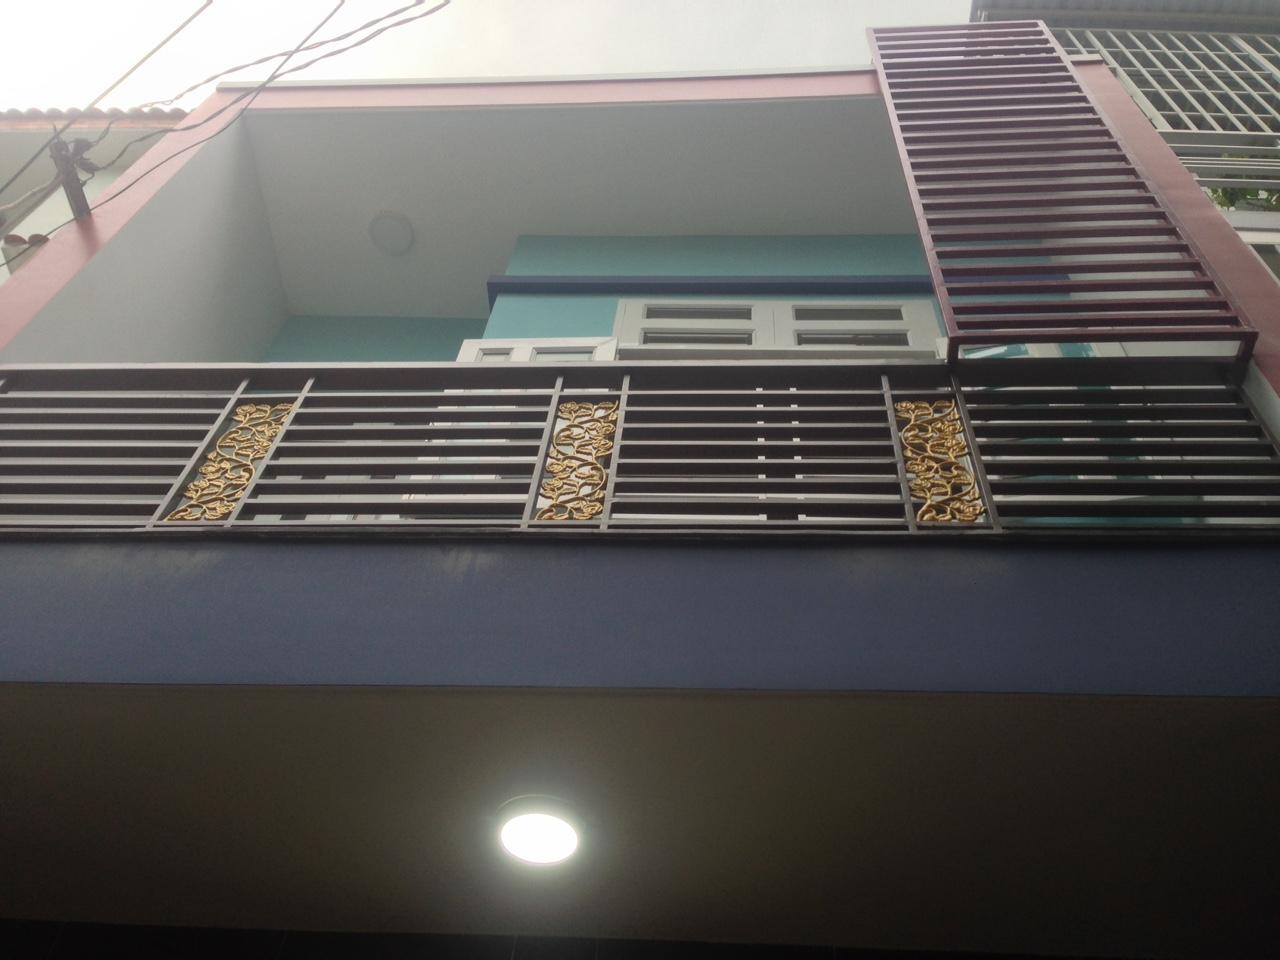 Bán nhà hẻm 146 kênh Tân Hóa Quận Tân Phú 06